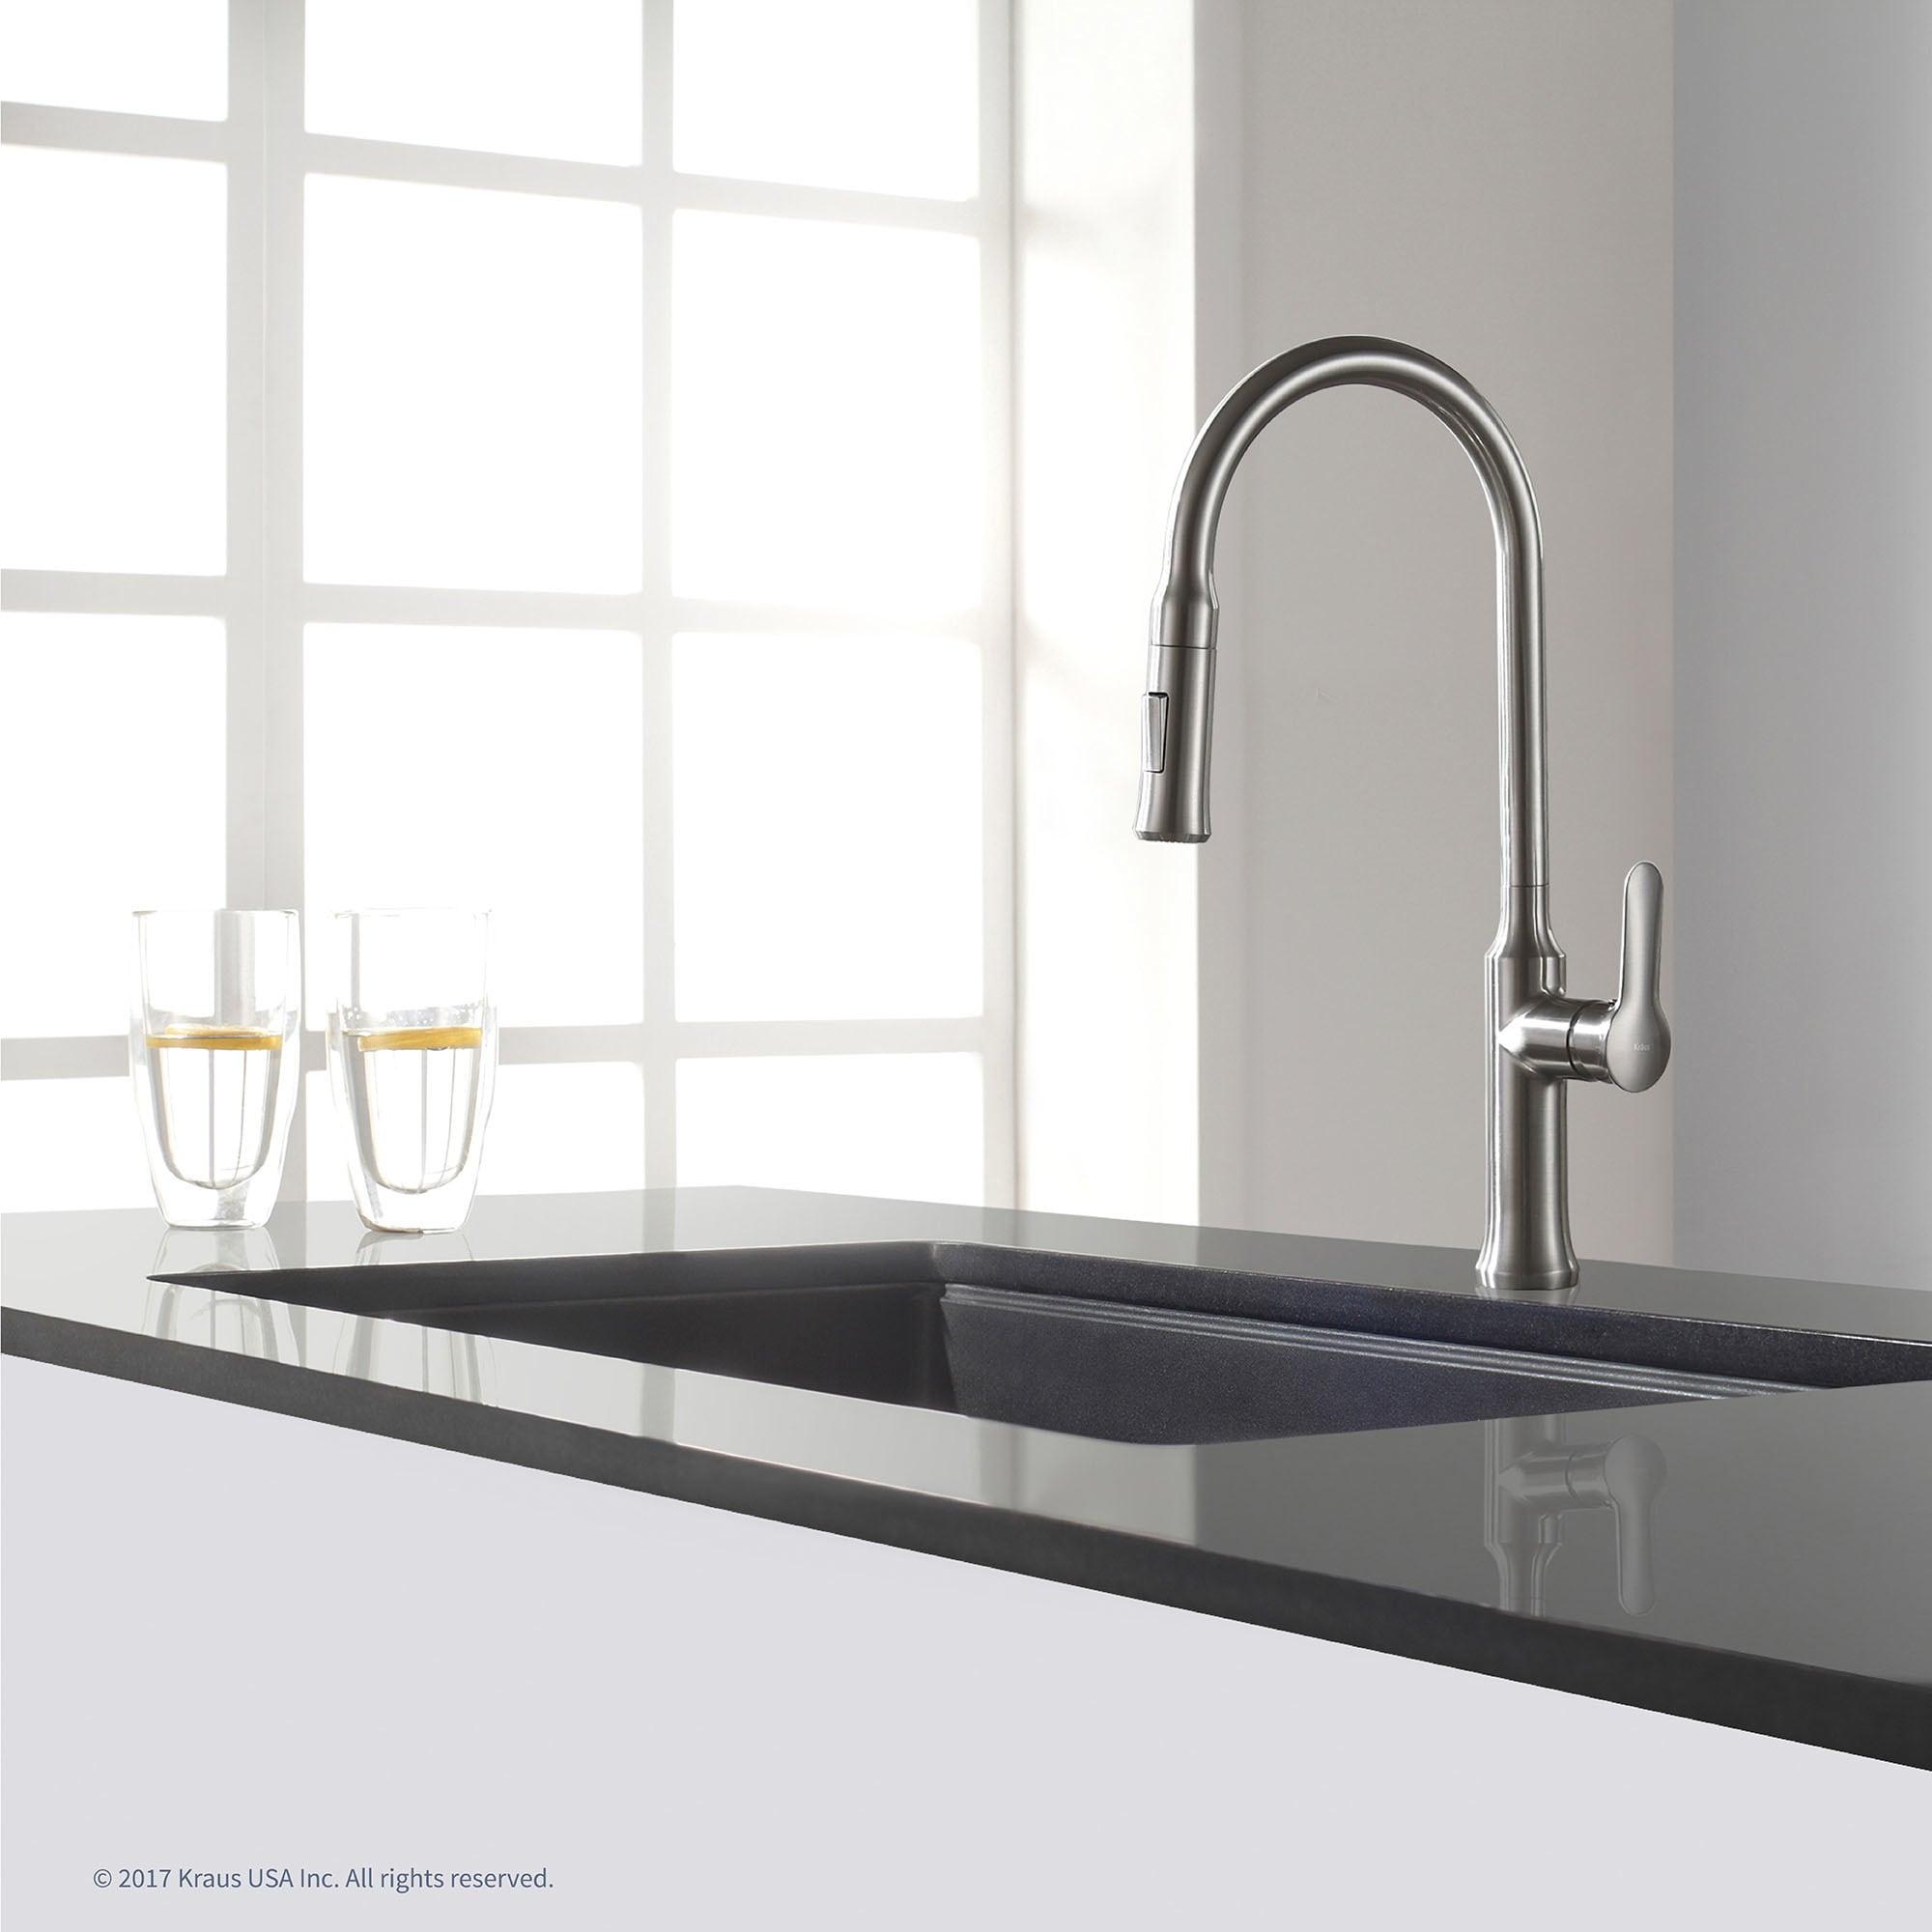 KRAUS 31-inch Undermount Single Bowl Black Onyx Granite Kitchen Sink ...